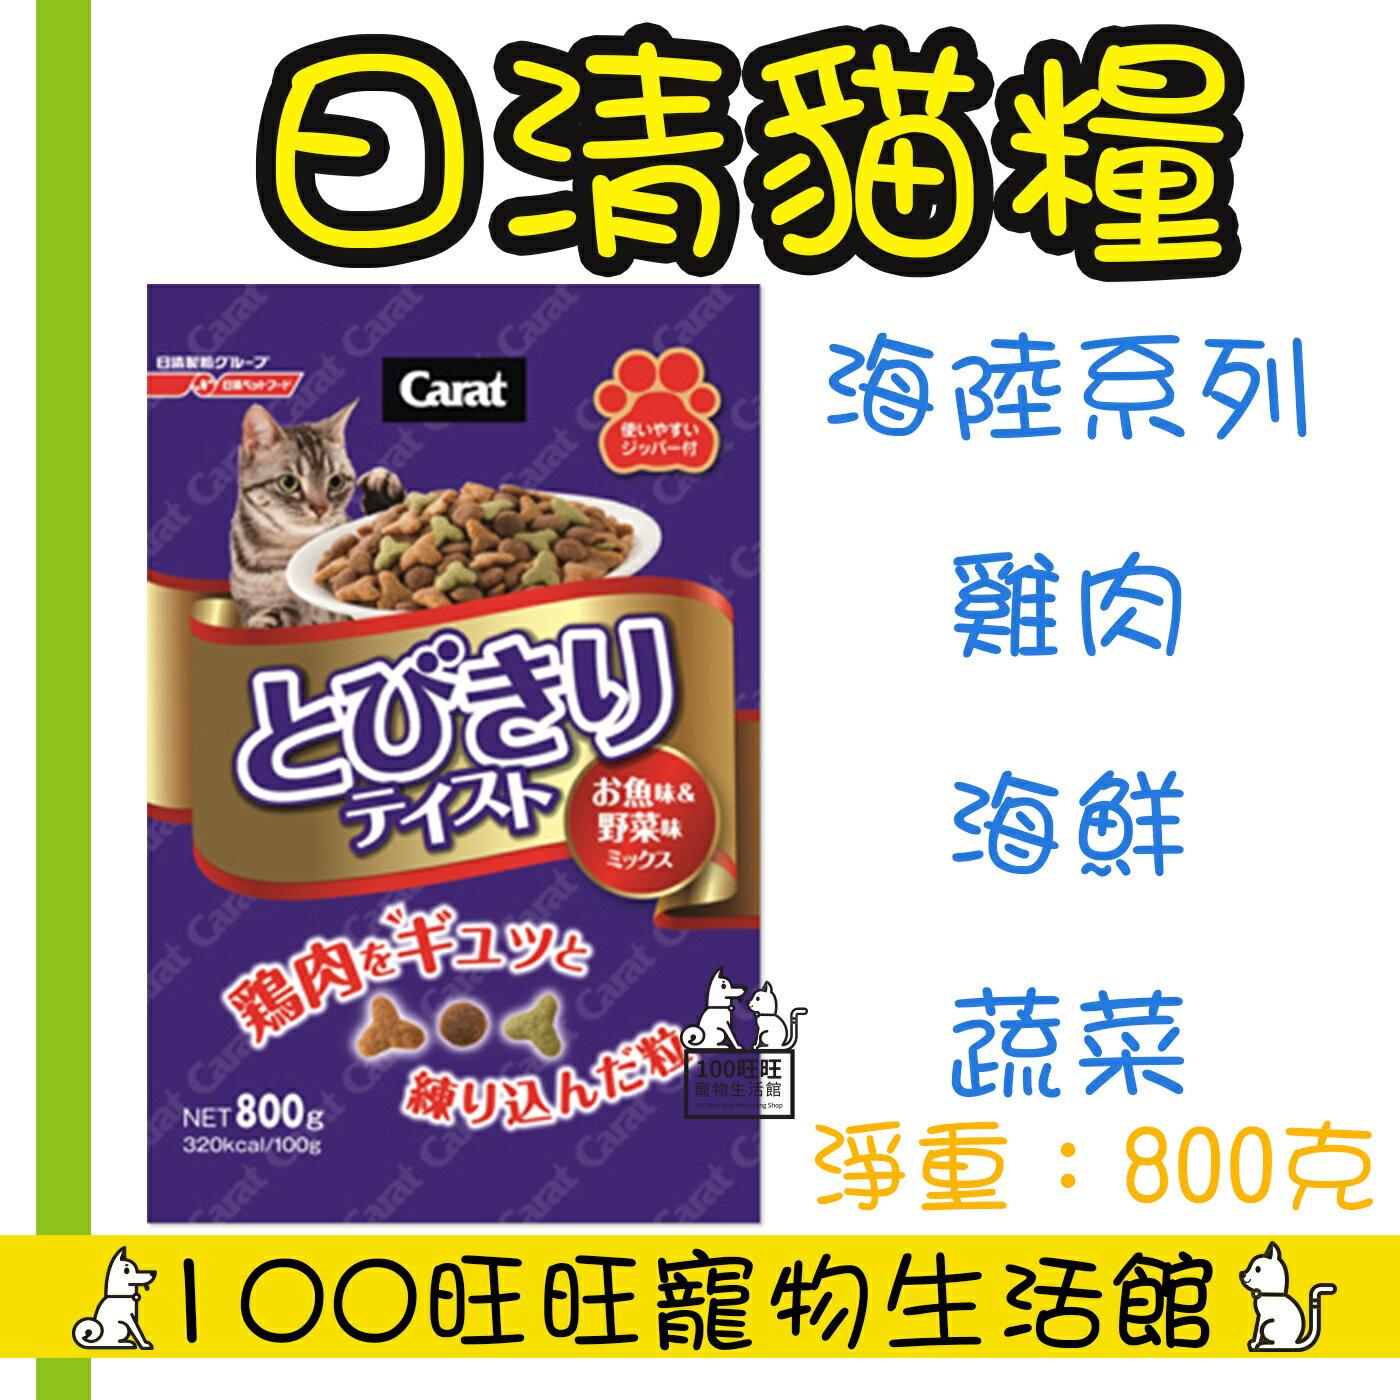 Carat 日清 海㓐系列 貓飼料 雞肉+海鮮+蔬菜 800g